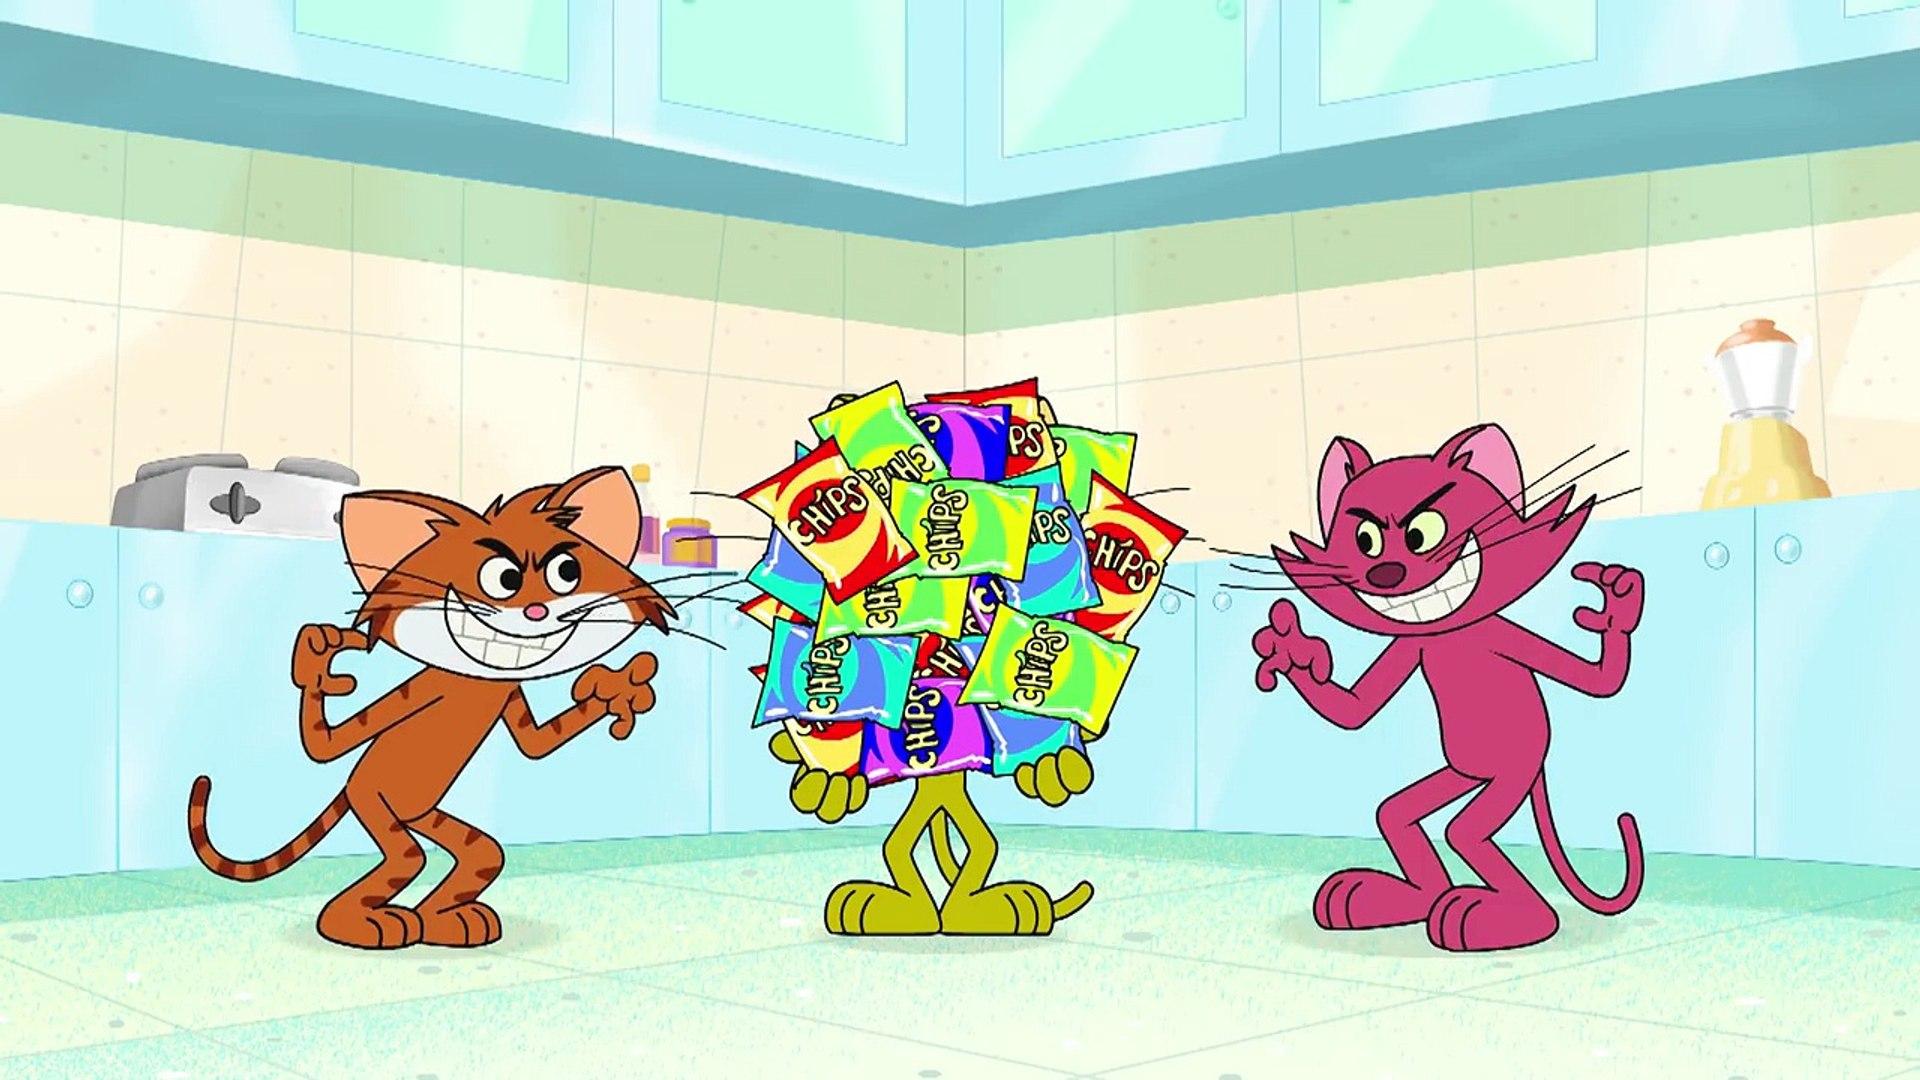 """Kedi ve Papağancık _""""Ev Partisi Oyunları"""" _Komik Çizgi Filmler _ Chotoonz Çocuk Çizgi Filmleri,Çi"""